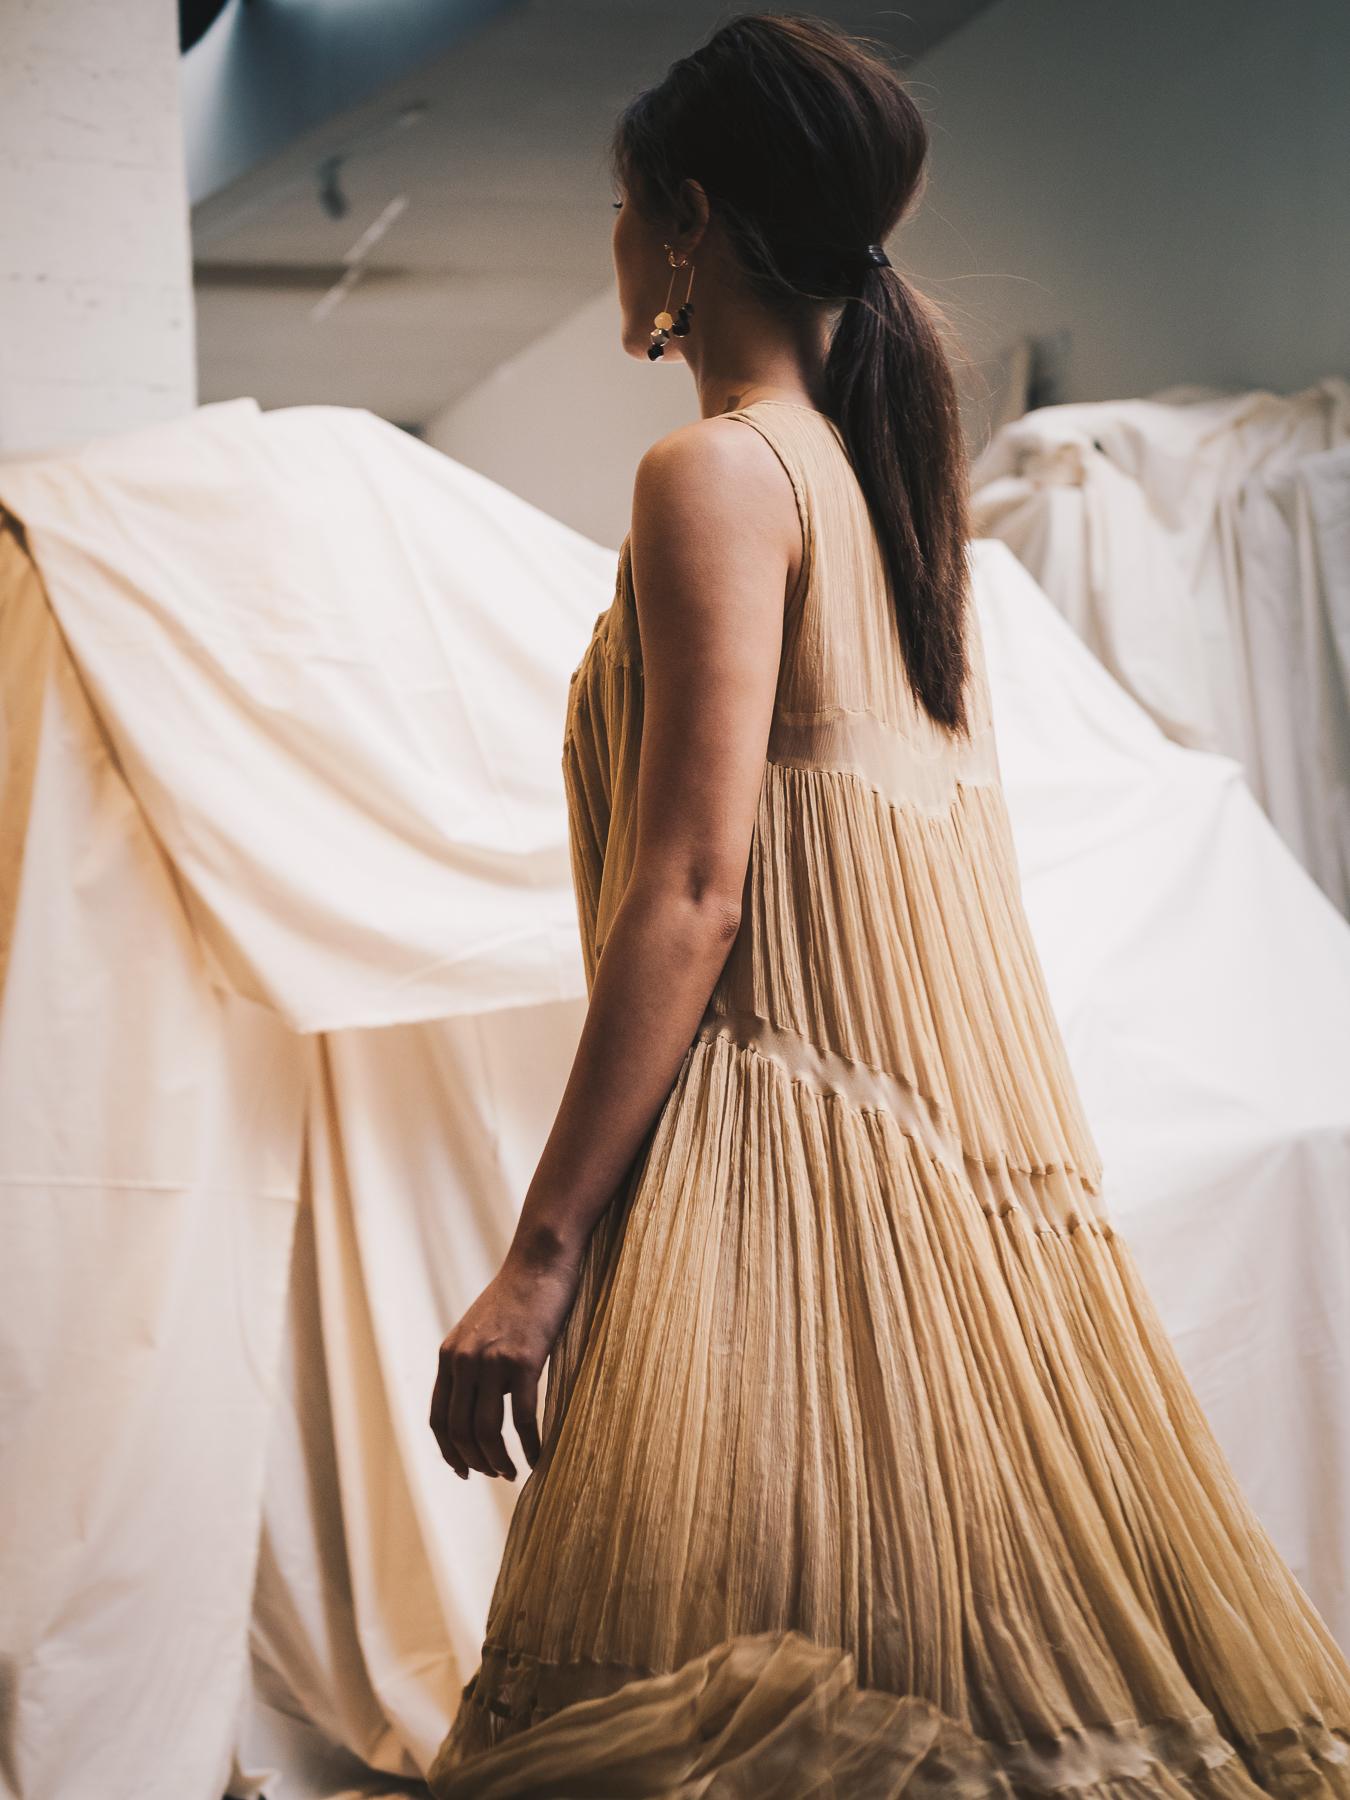 Ullnaka Dress Code 2018 - Olympus E-M1MarkII 2512 - Yes! Please Enjoy-2.jpg